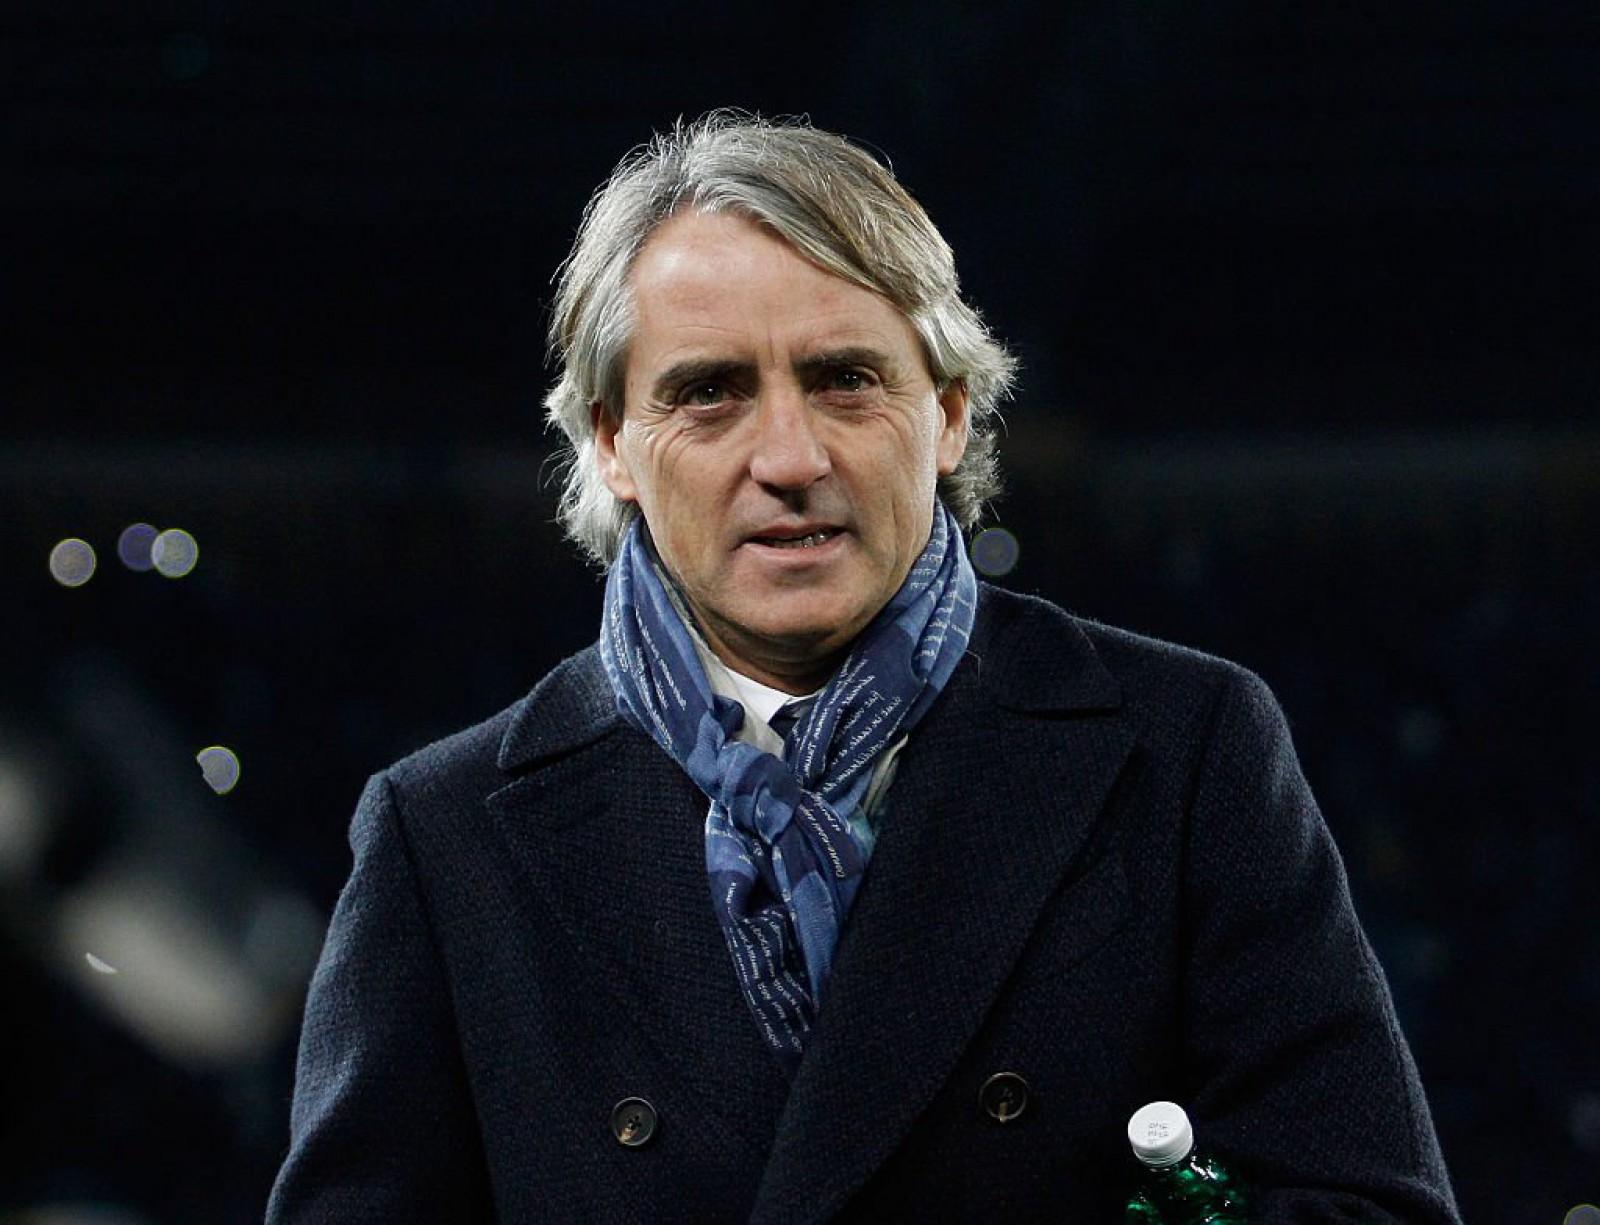 Antrenorul lui Zenit Sankt Petersburg, Roberto Mancini va fi noul selecționer al Italiei